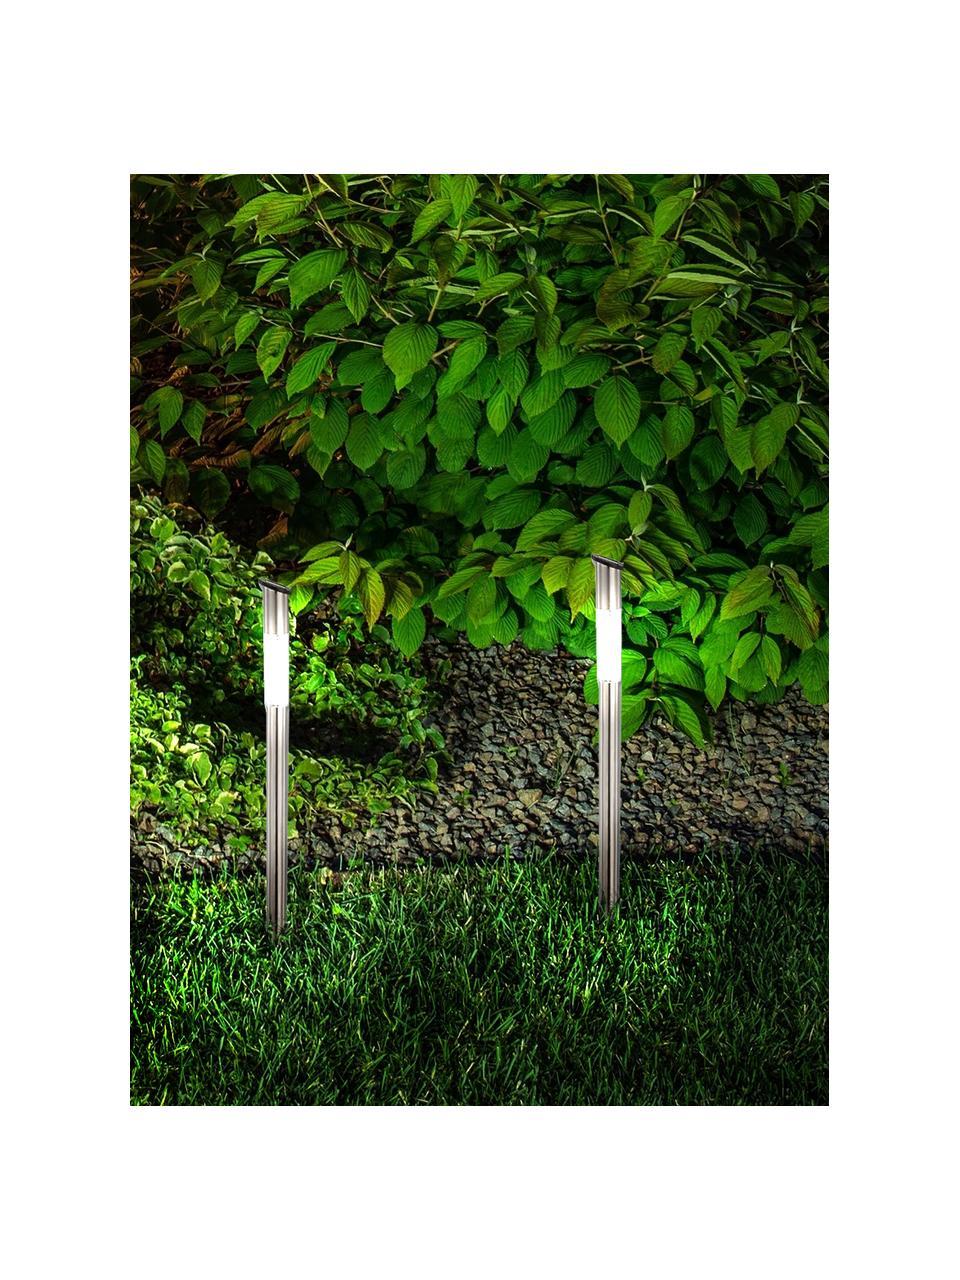 Zewnętrzna lampa solarna Thin, 6 szt., Stal szlachetna, Ø 6 x W 60 cm